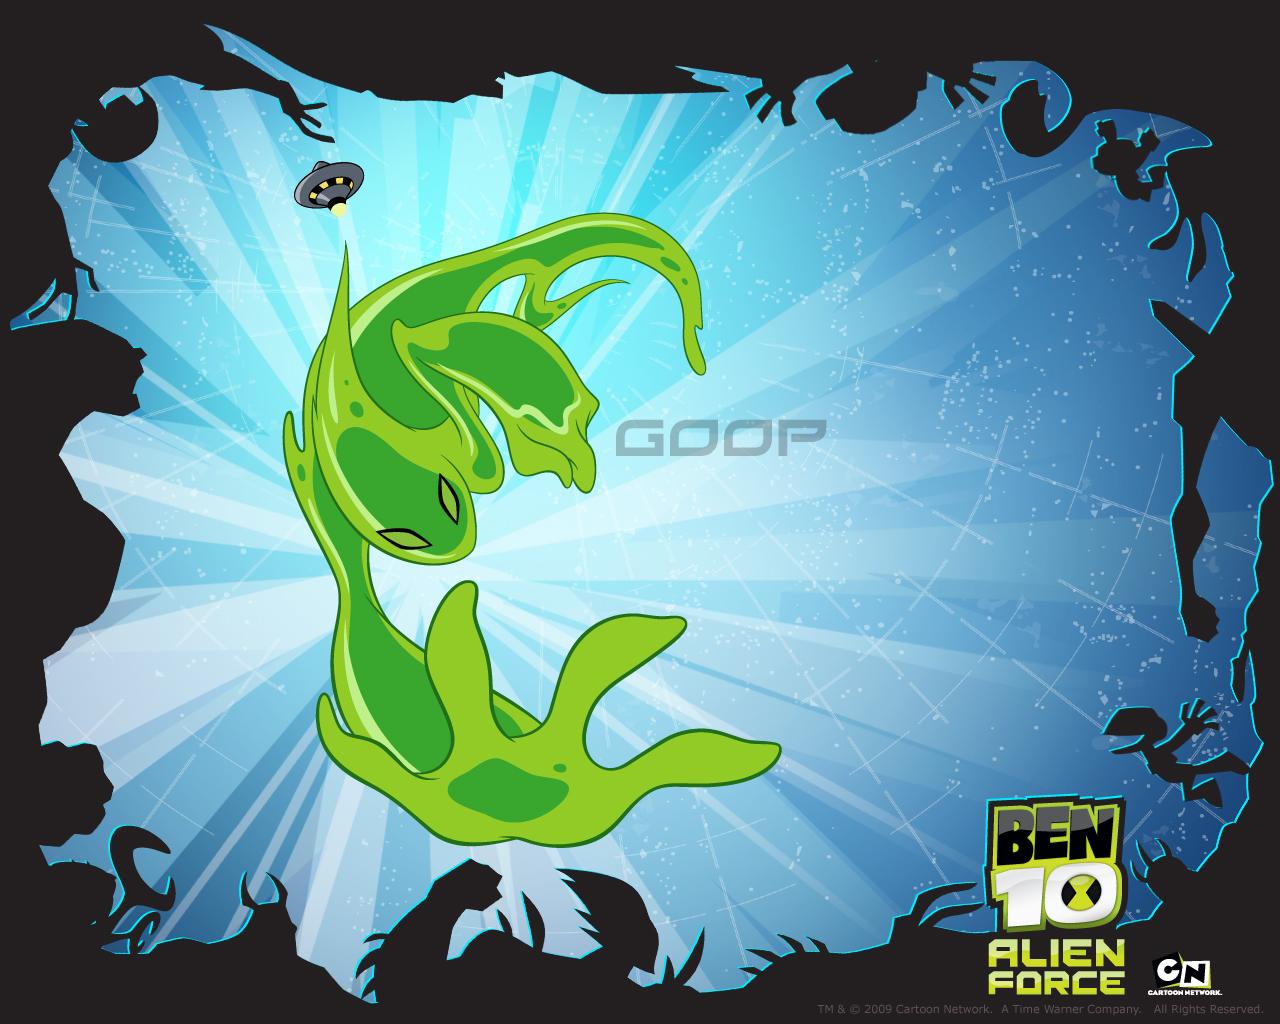 бен 10 инопланетная сверхсила игры играть бесплатно онлайн